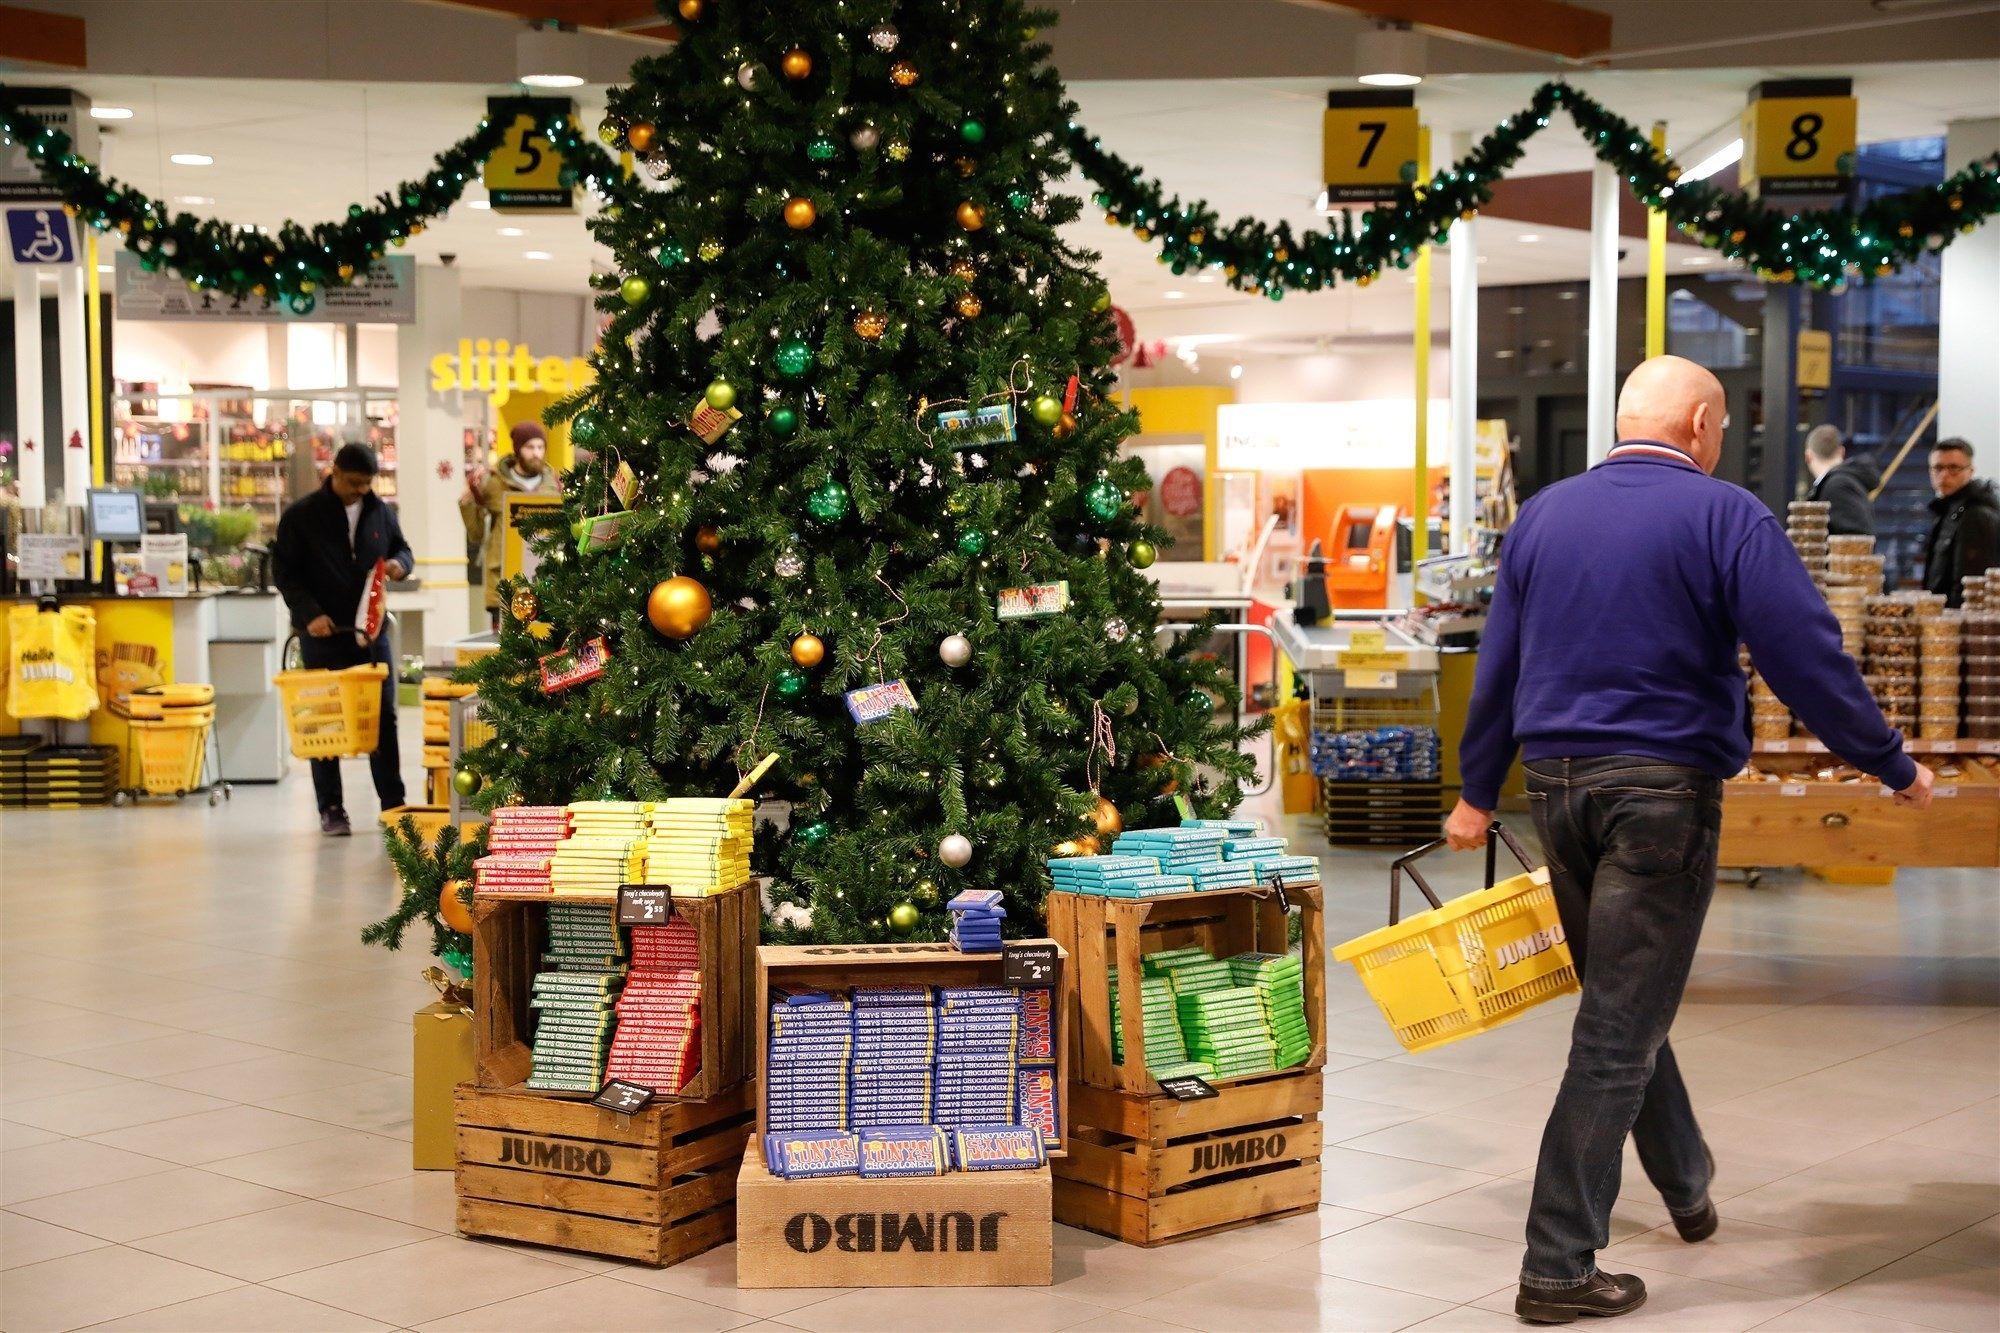 Openingstijden supermarkt kerst jumbo